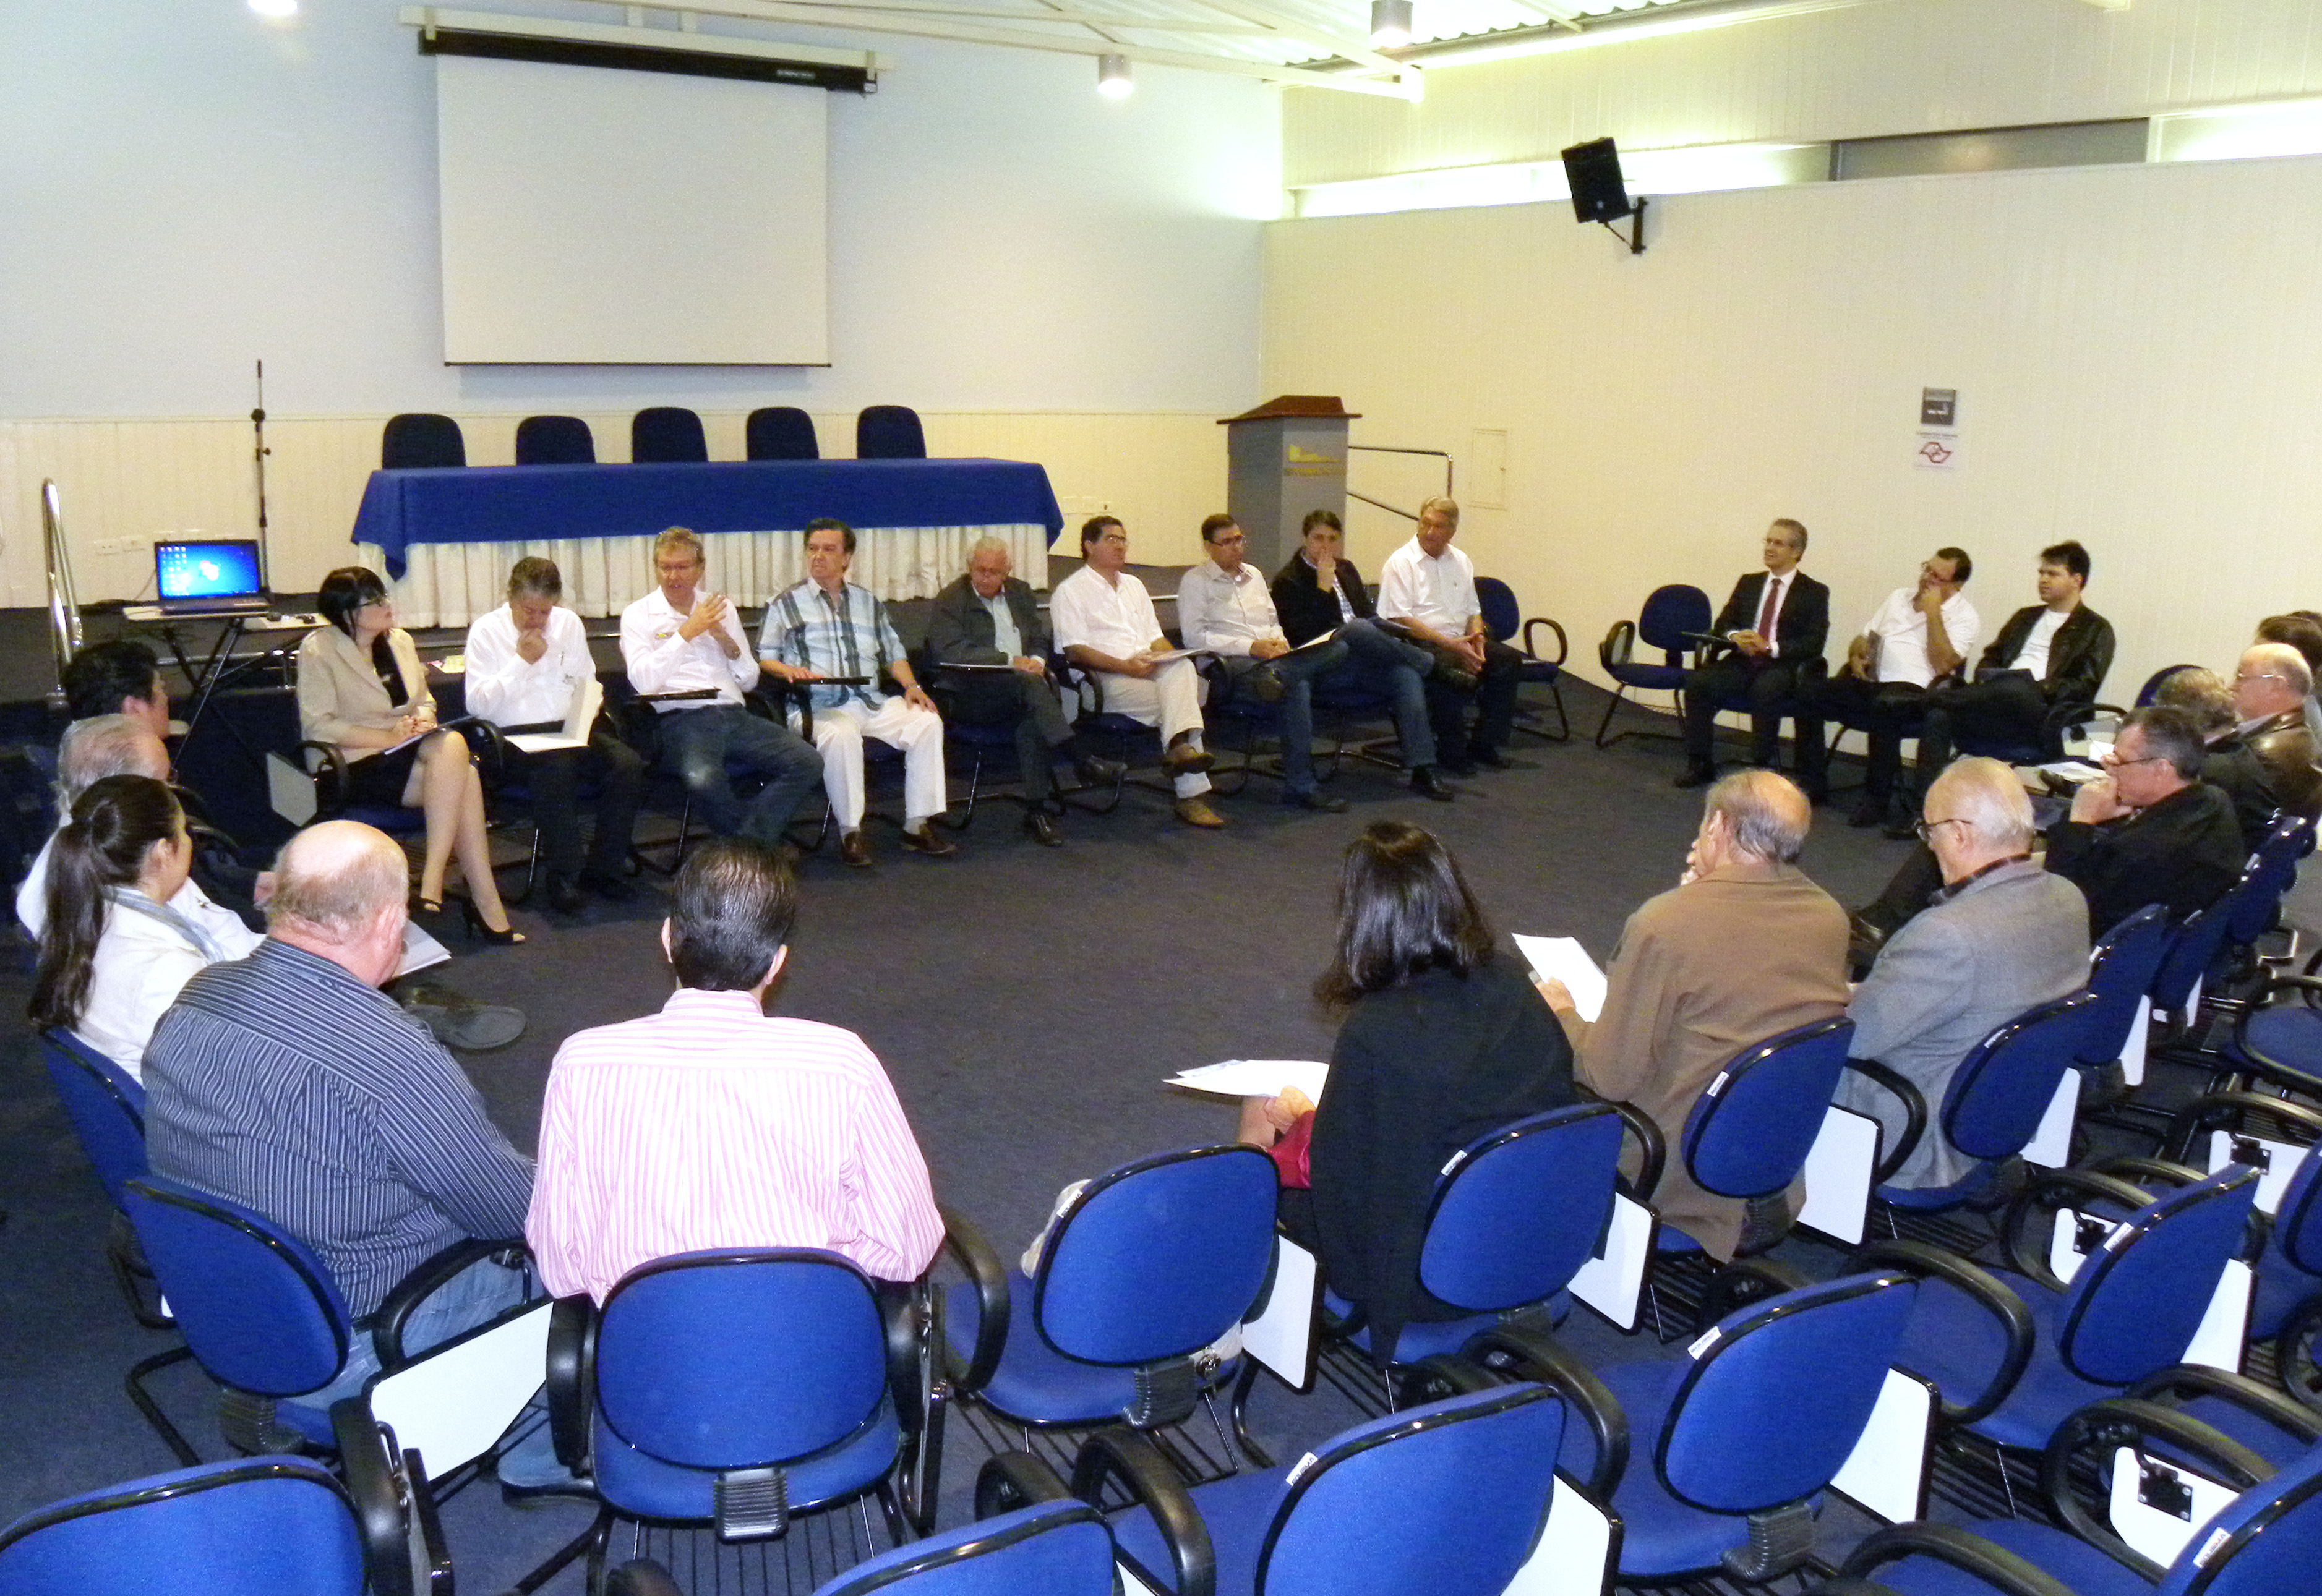 Simespi cria programa para incentivar parcerias com instituições de ensino